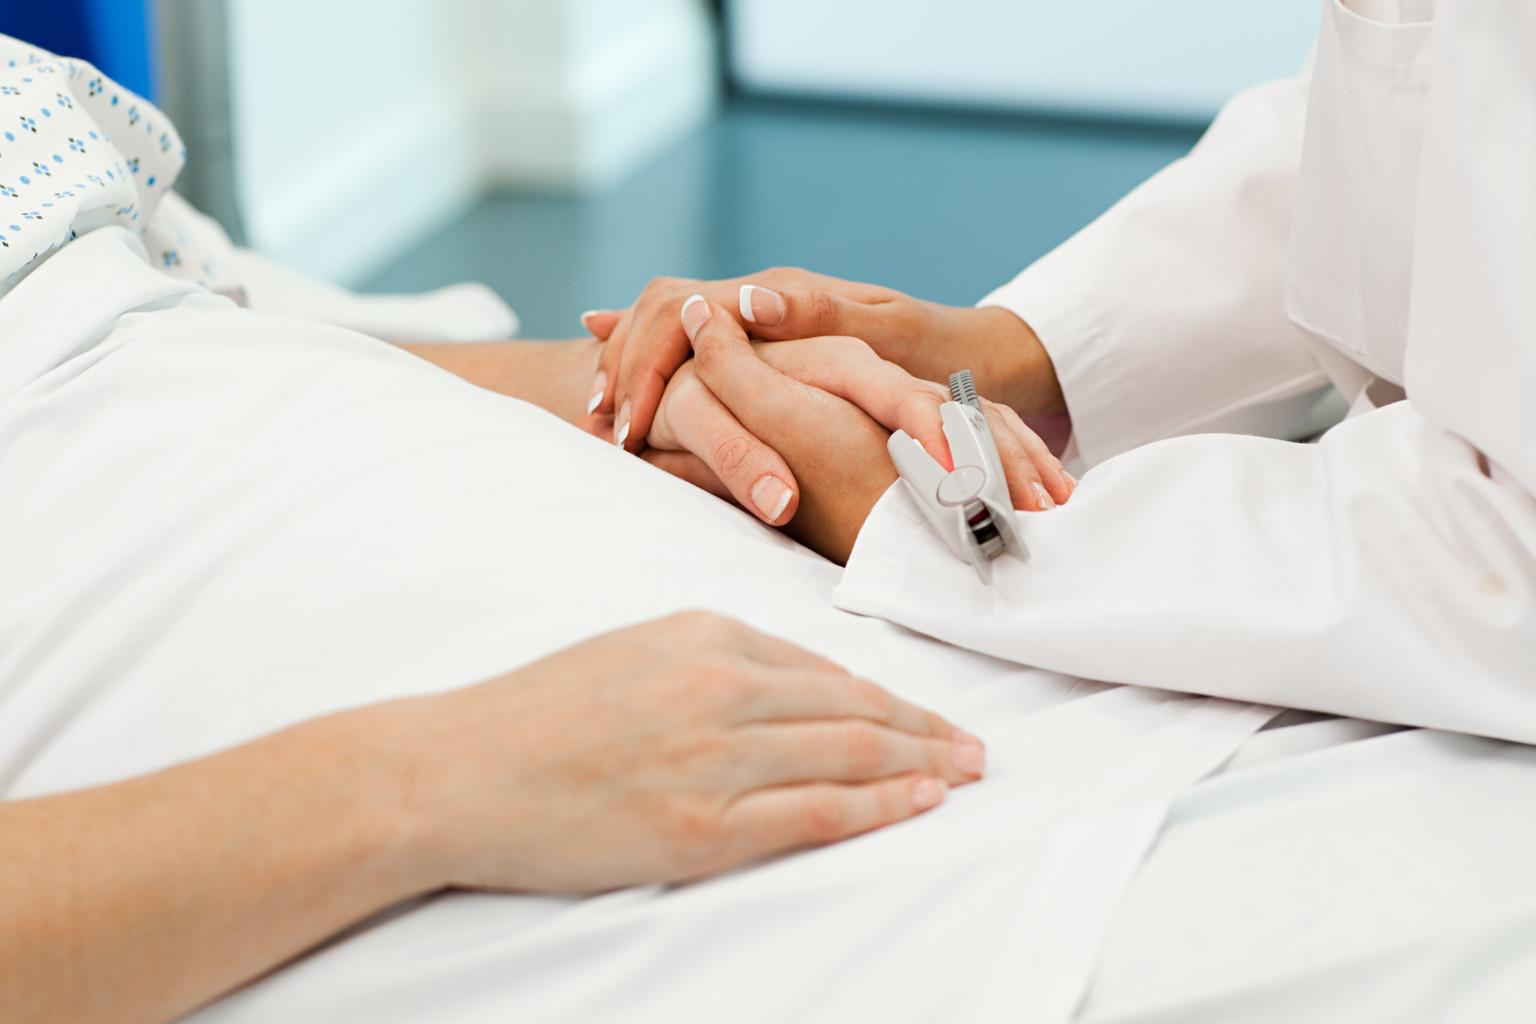 评测 | 【重磅评测】44款成人重疾保险深度评测-蓝莓评测